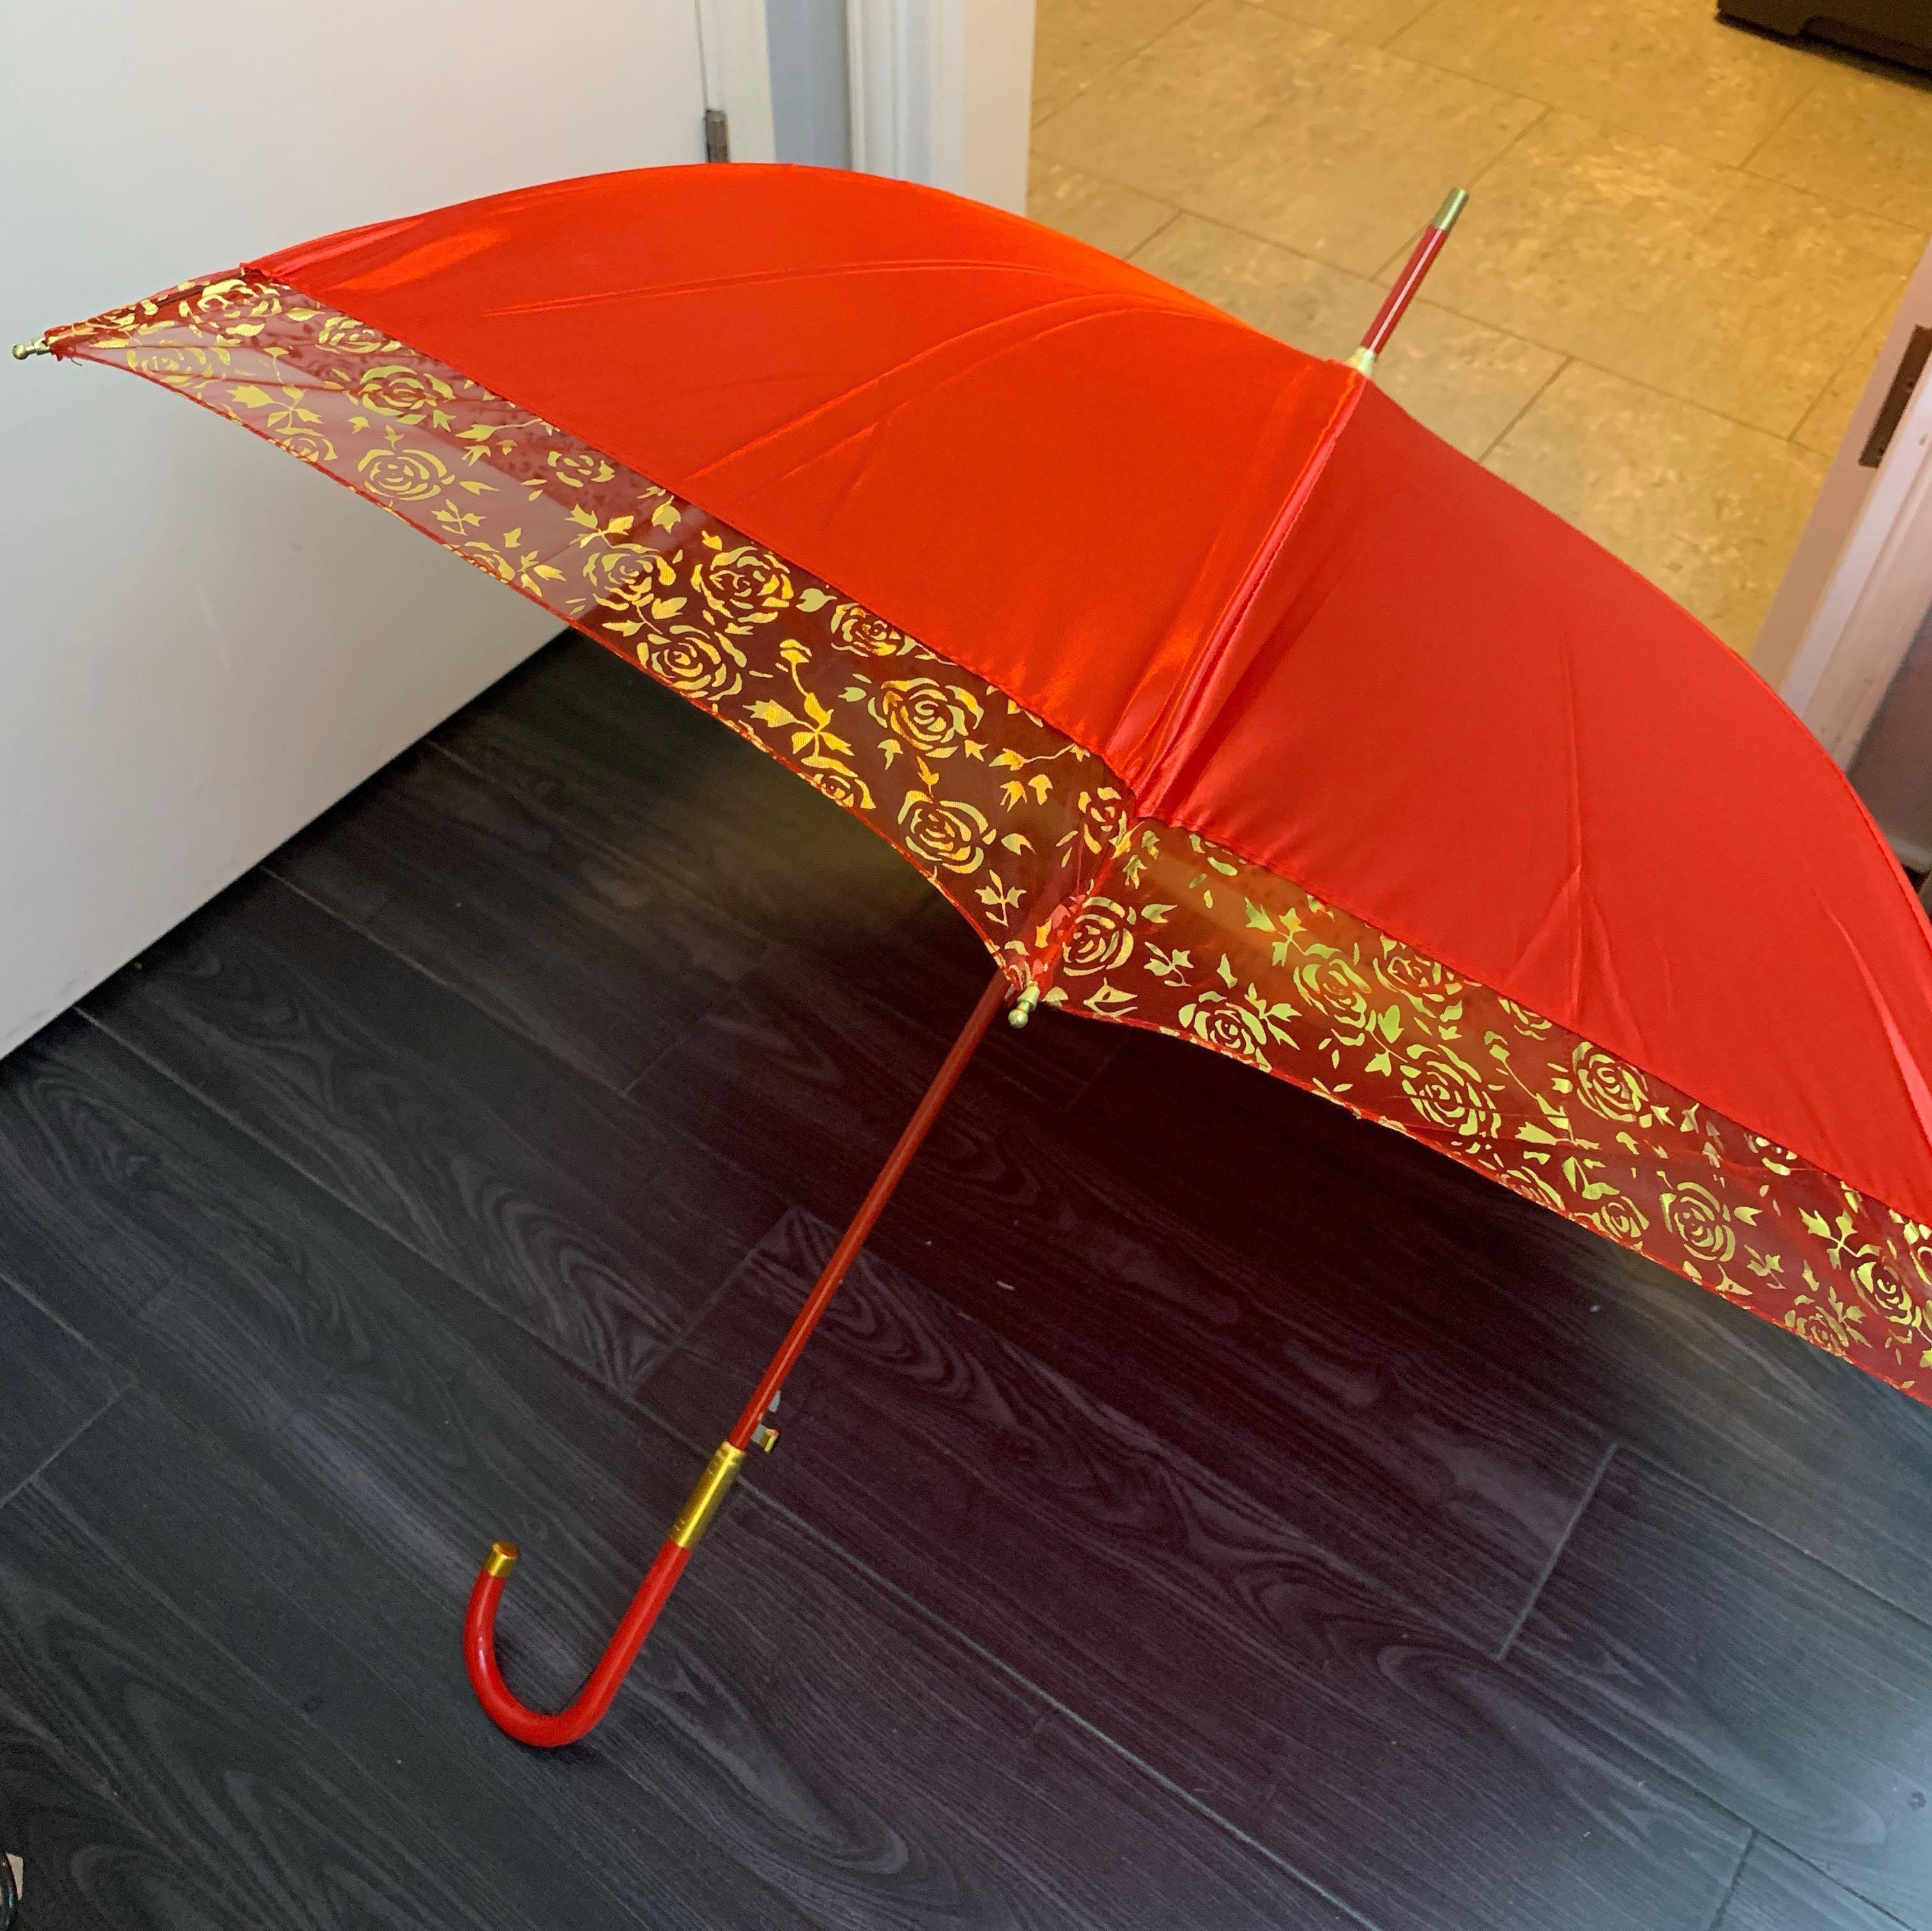 出門 紅傘 金邊蕾絲玫瑰花